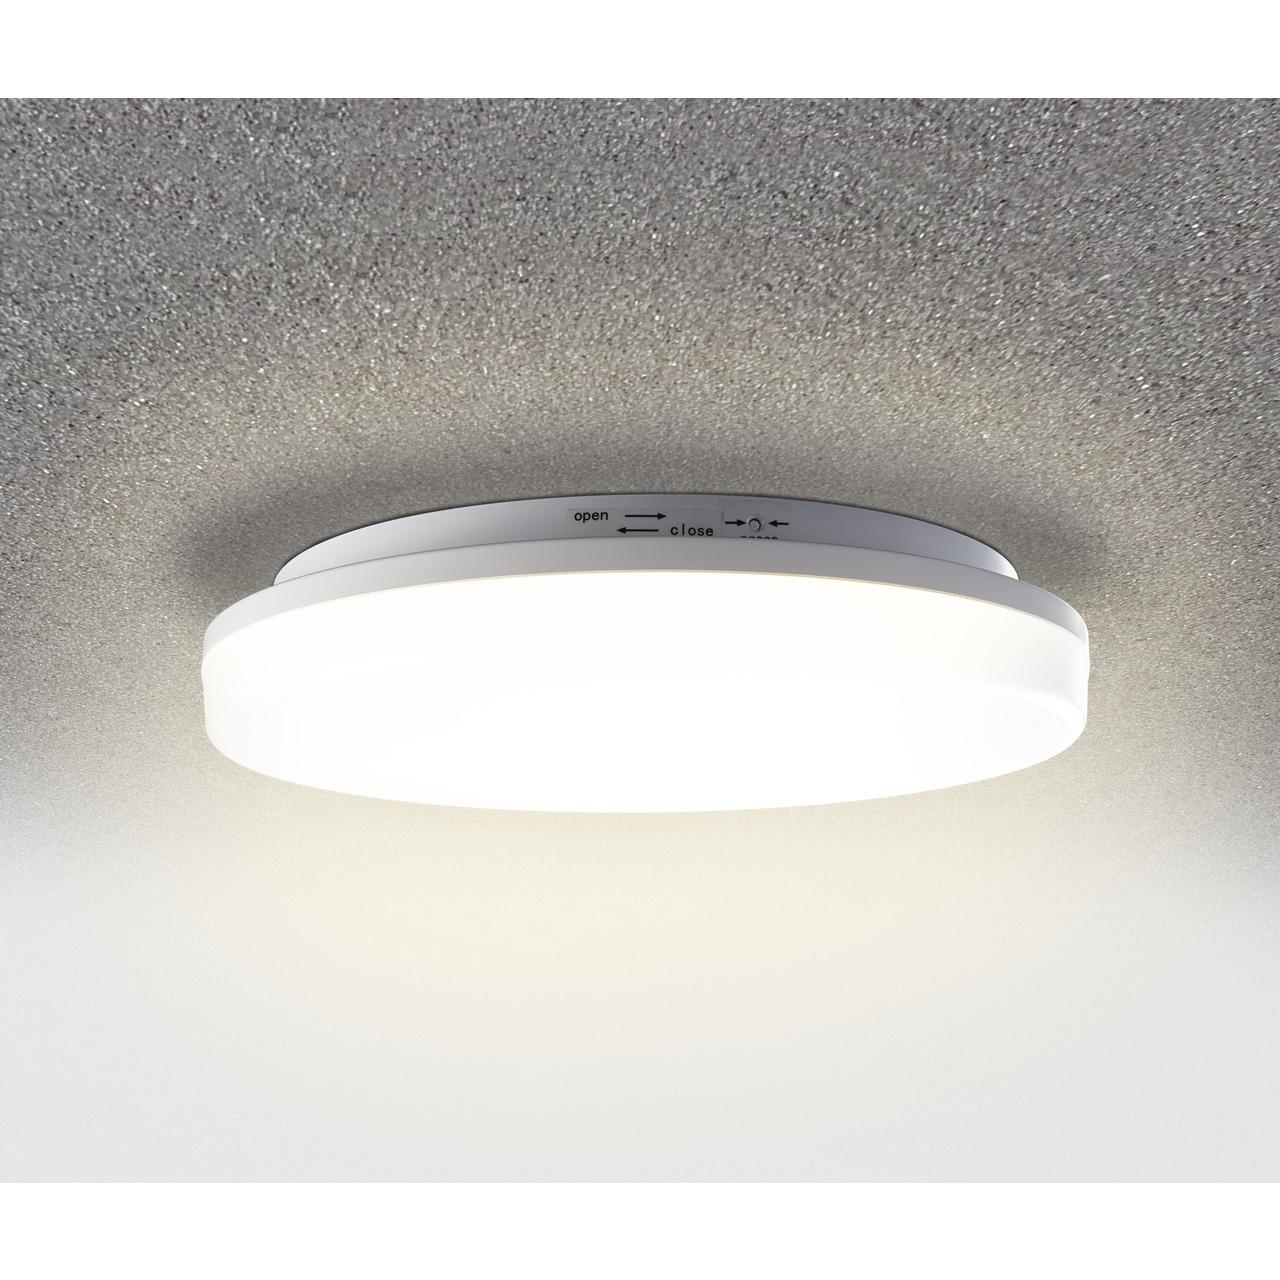 HEITRONIC 24-W-LED-Wand-Deckenleuchte Pronto mit Bajonett-Anschluss- rund- warmweiss- IP54